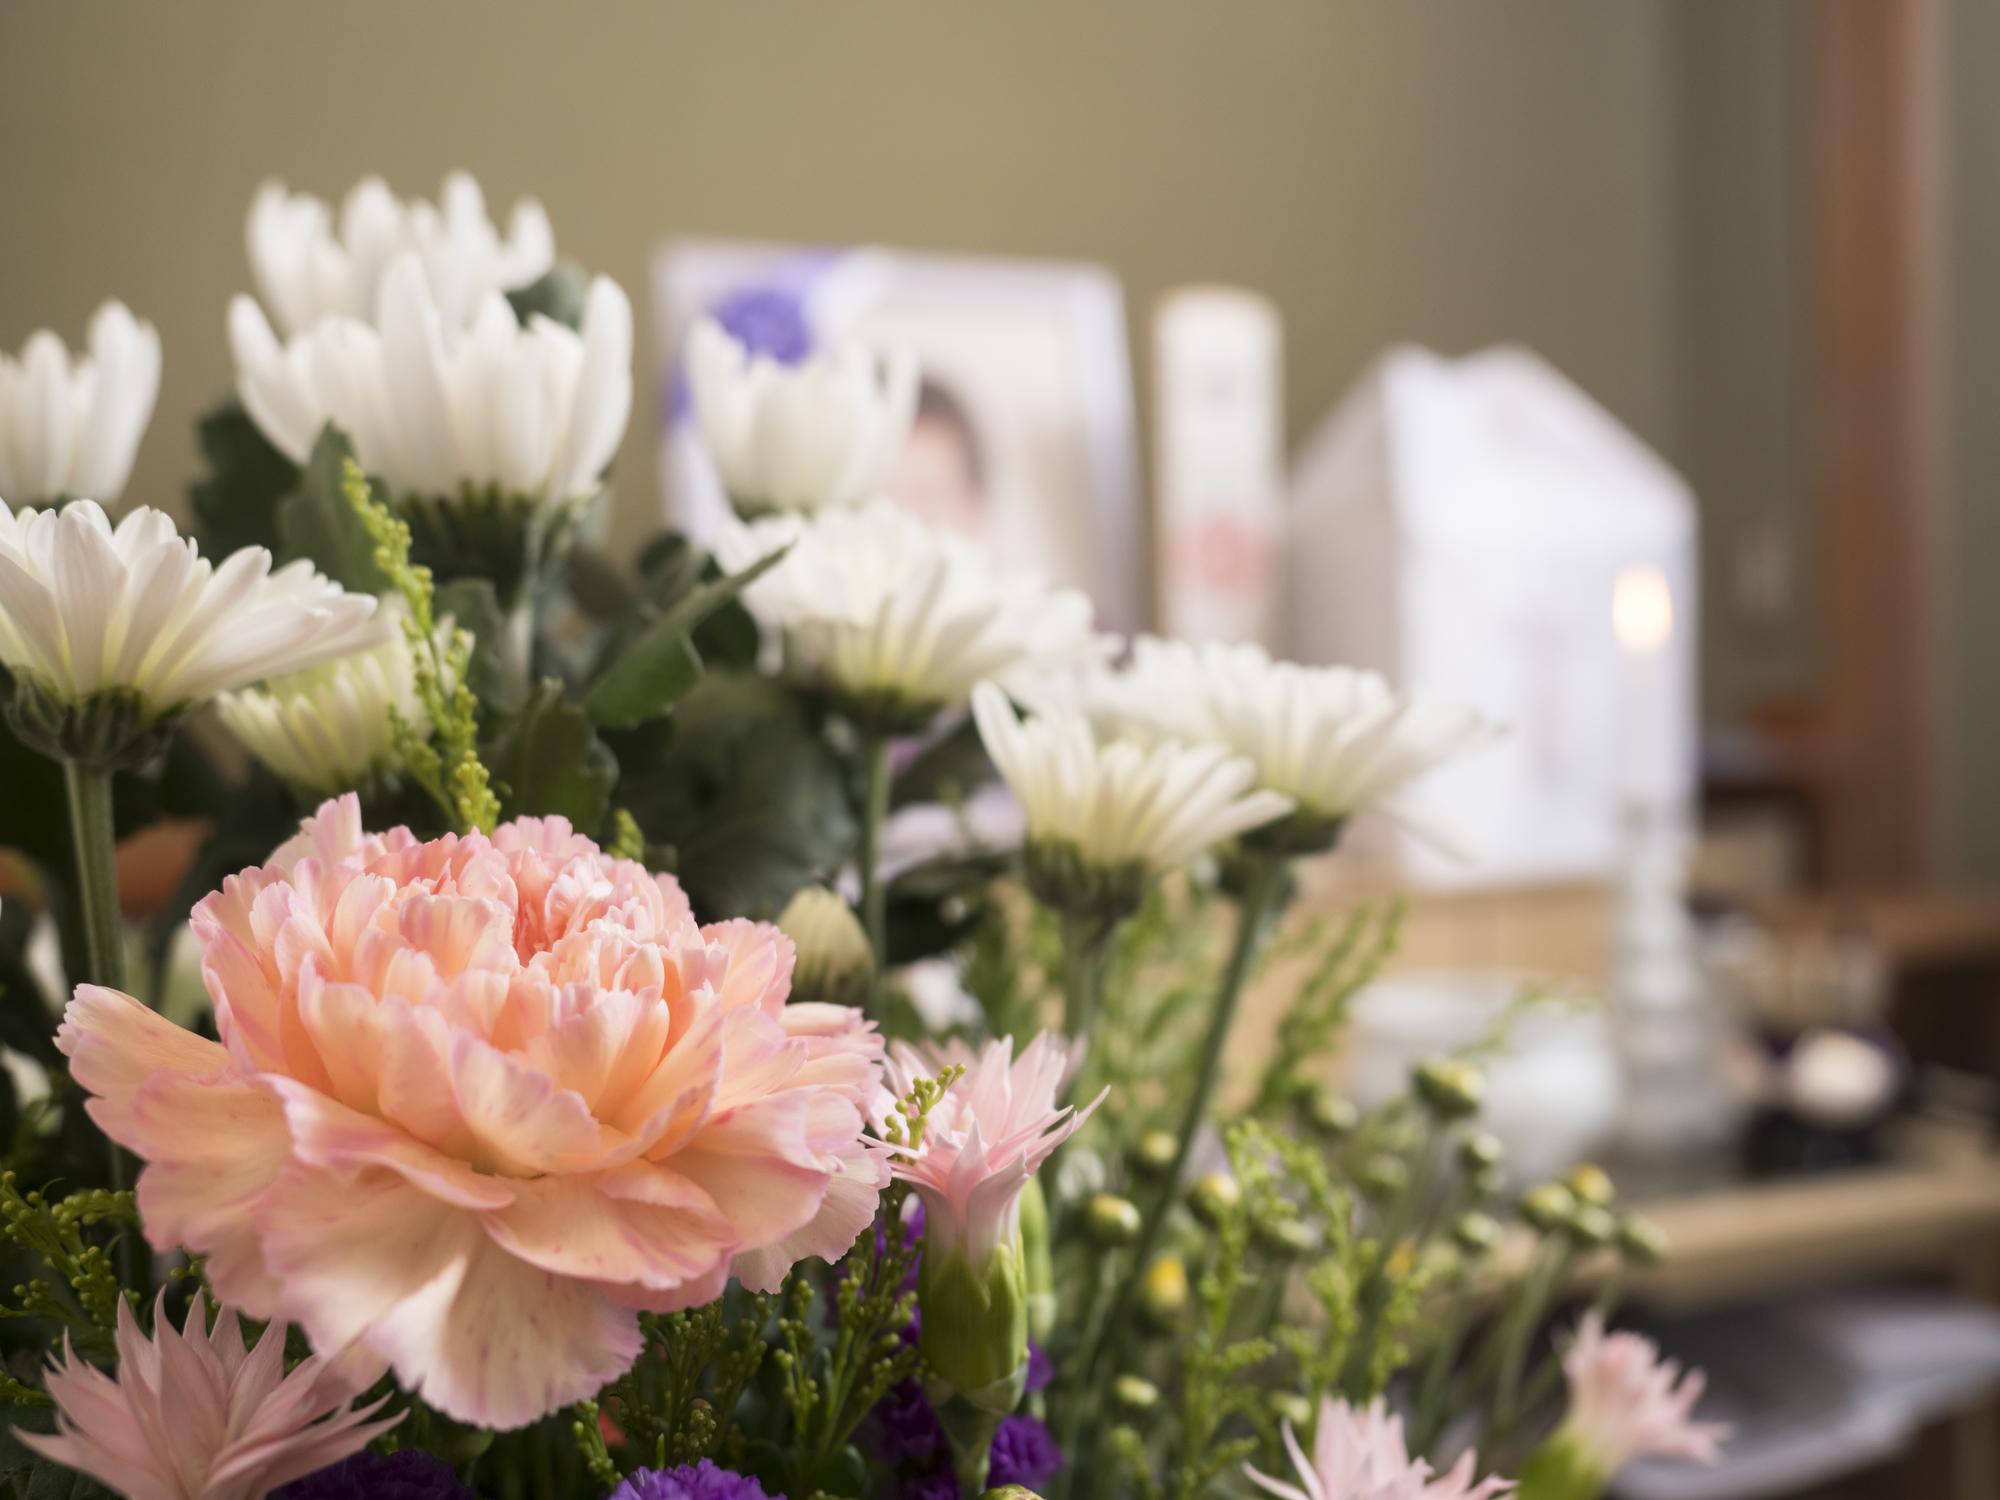 コロナ禍で自宅家族葬の葬儀を行うにはどれくらい必要?余分な費用はかかるの?